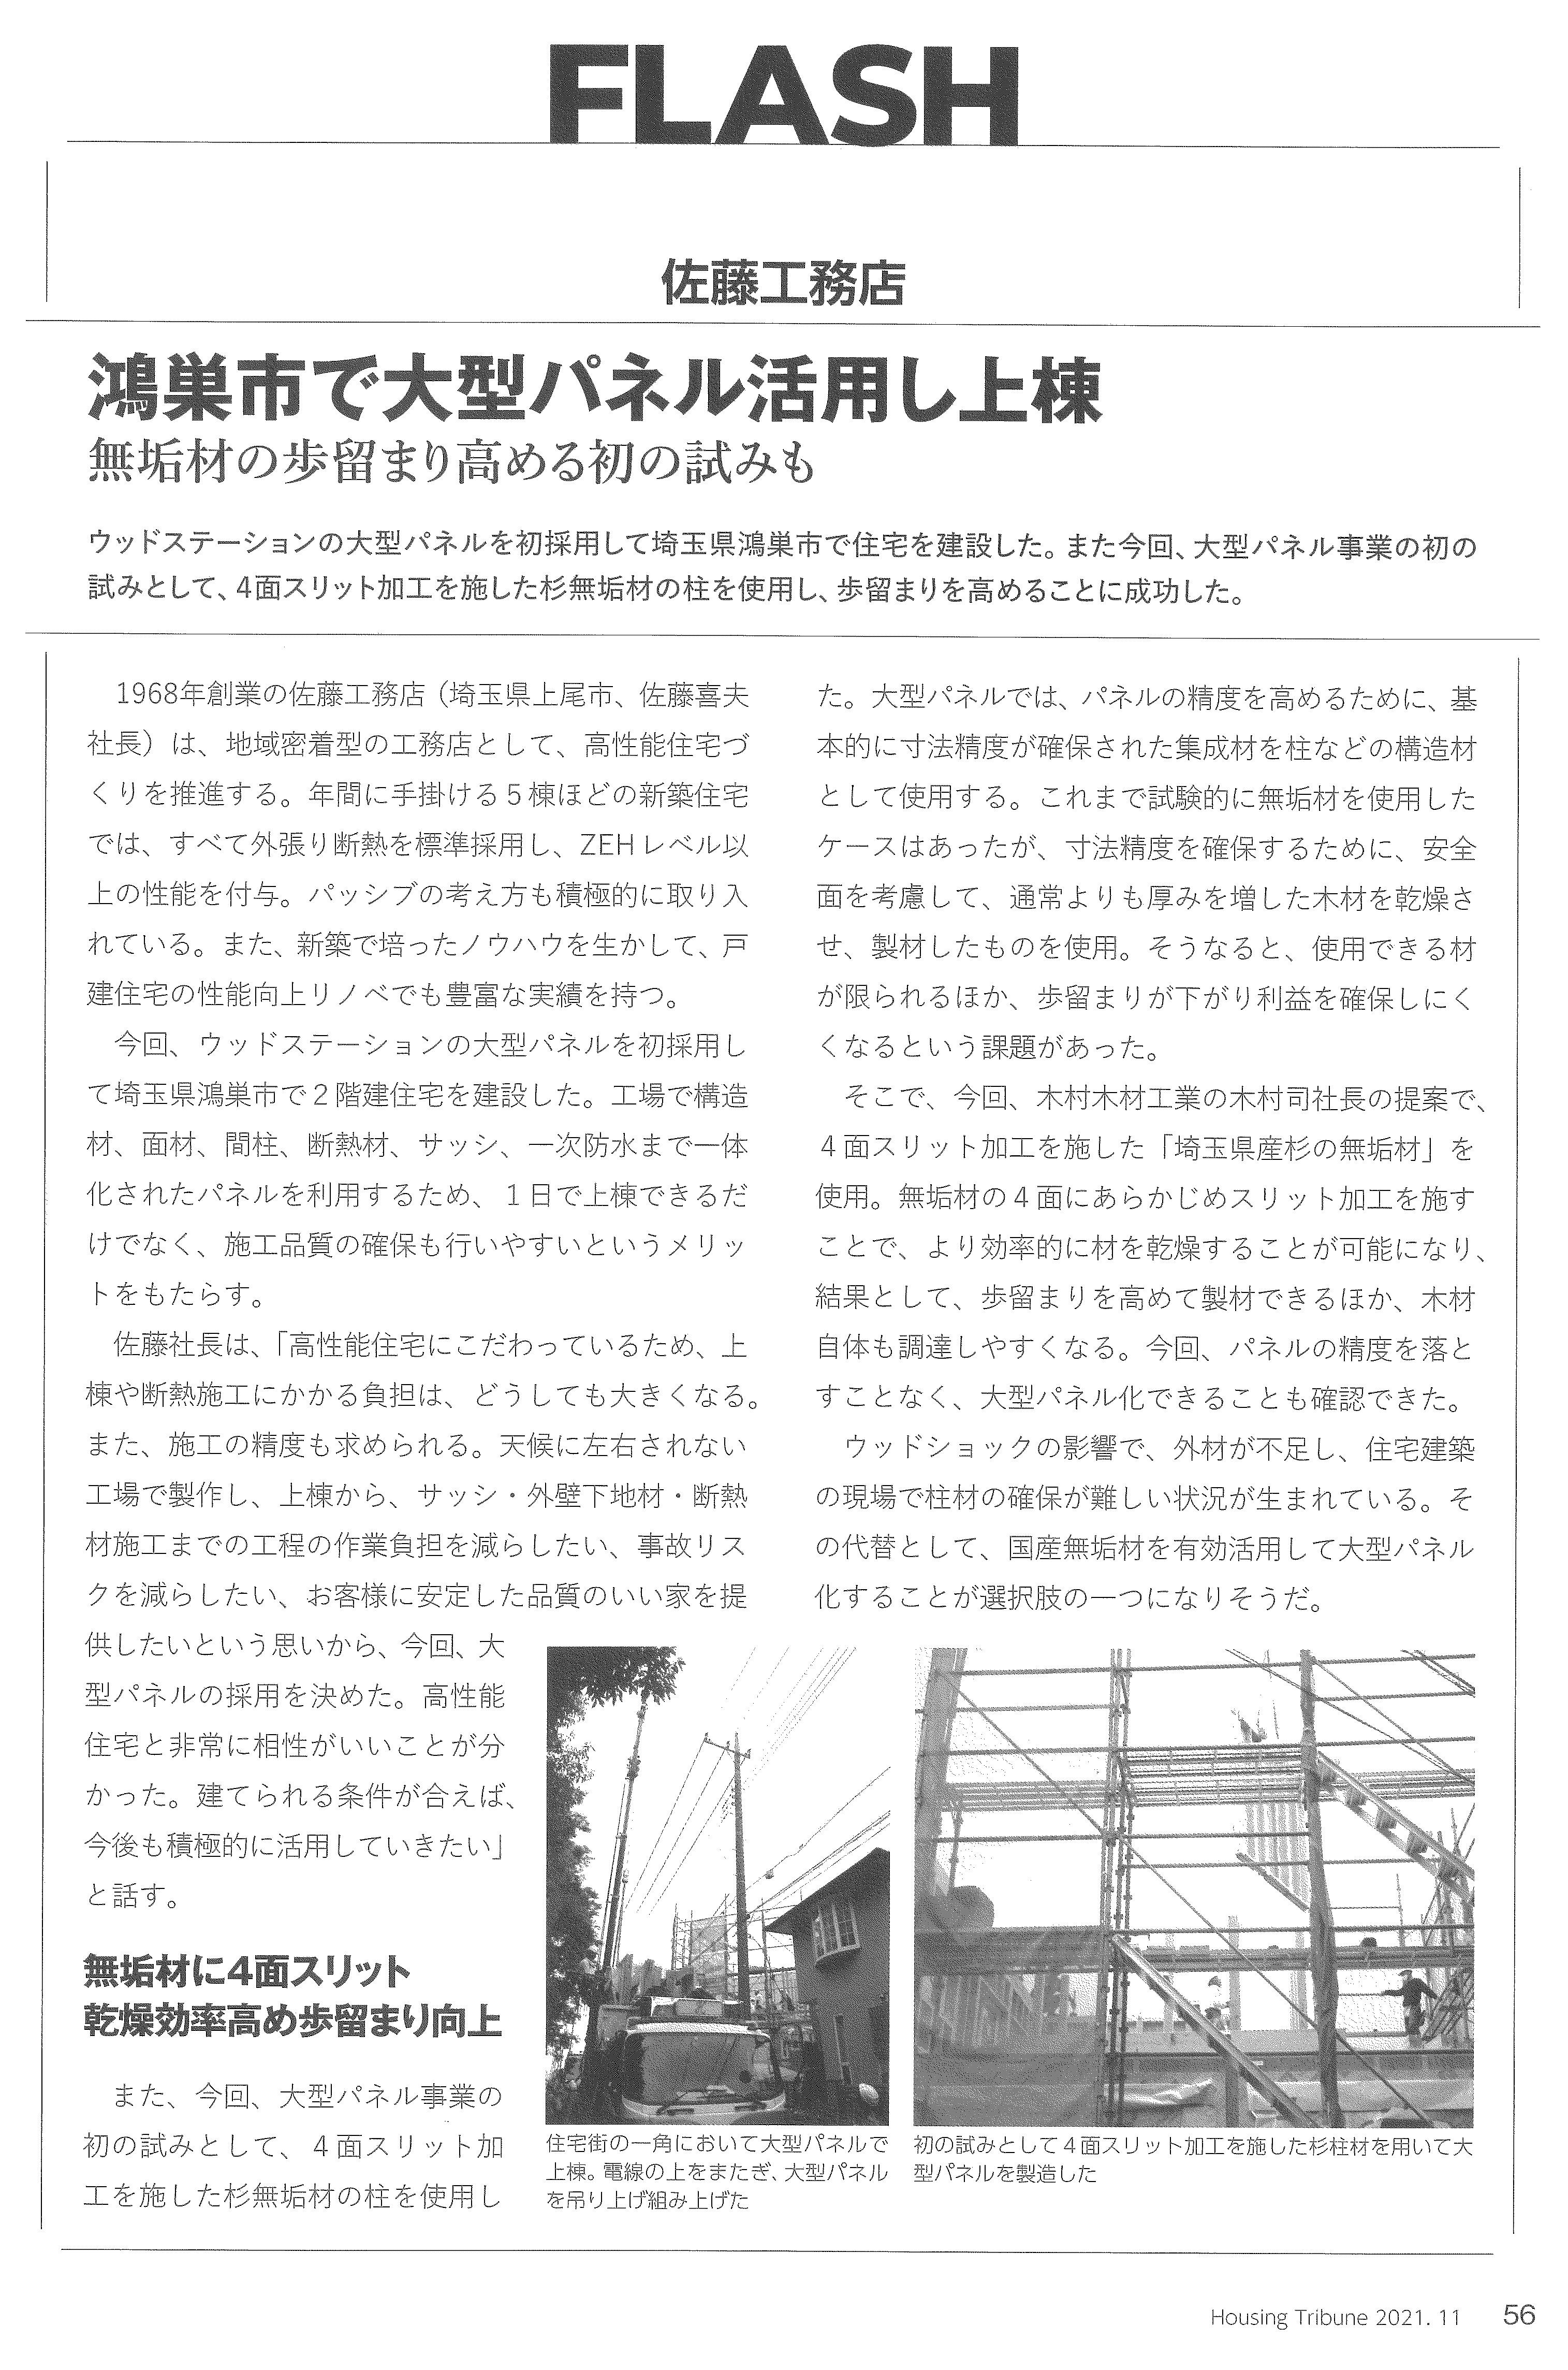 ハウジング・トリビューンVol621(2021年11号)佐藤工務店 鴻巣市で大型パネル活用し上棟 杉4面薄背割り柱 木村木材工業